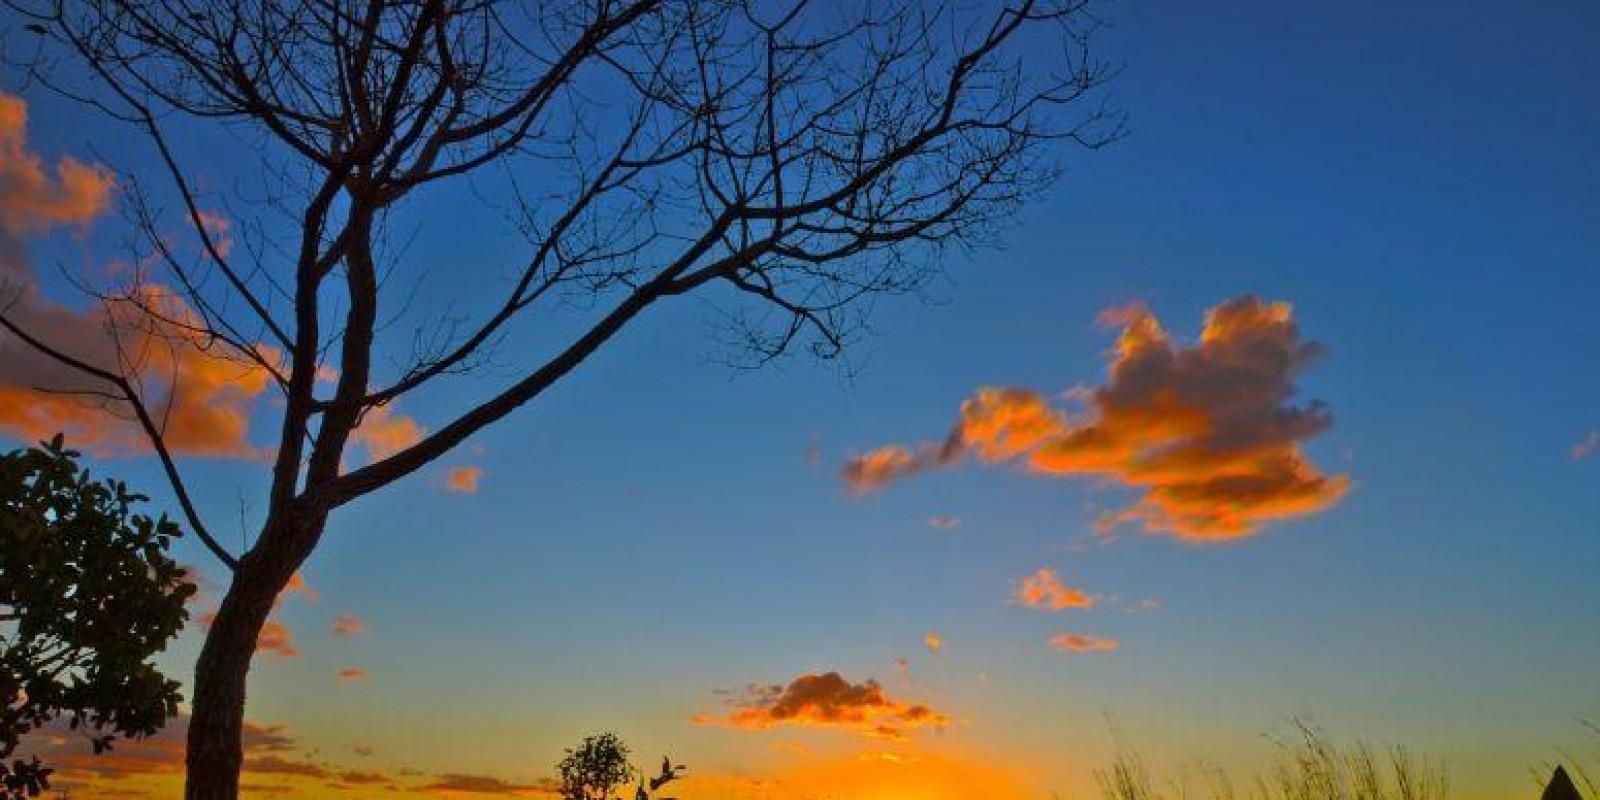 Tempo no Brasil não deverá sofrer grandes mudanças nesse inverno, afirma Inmet